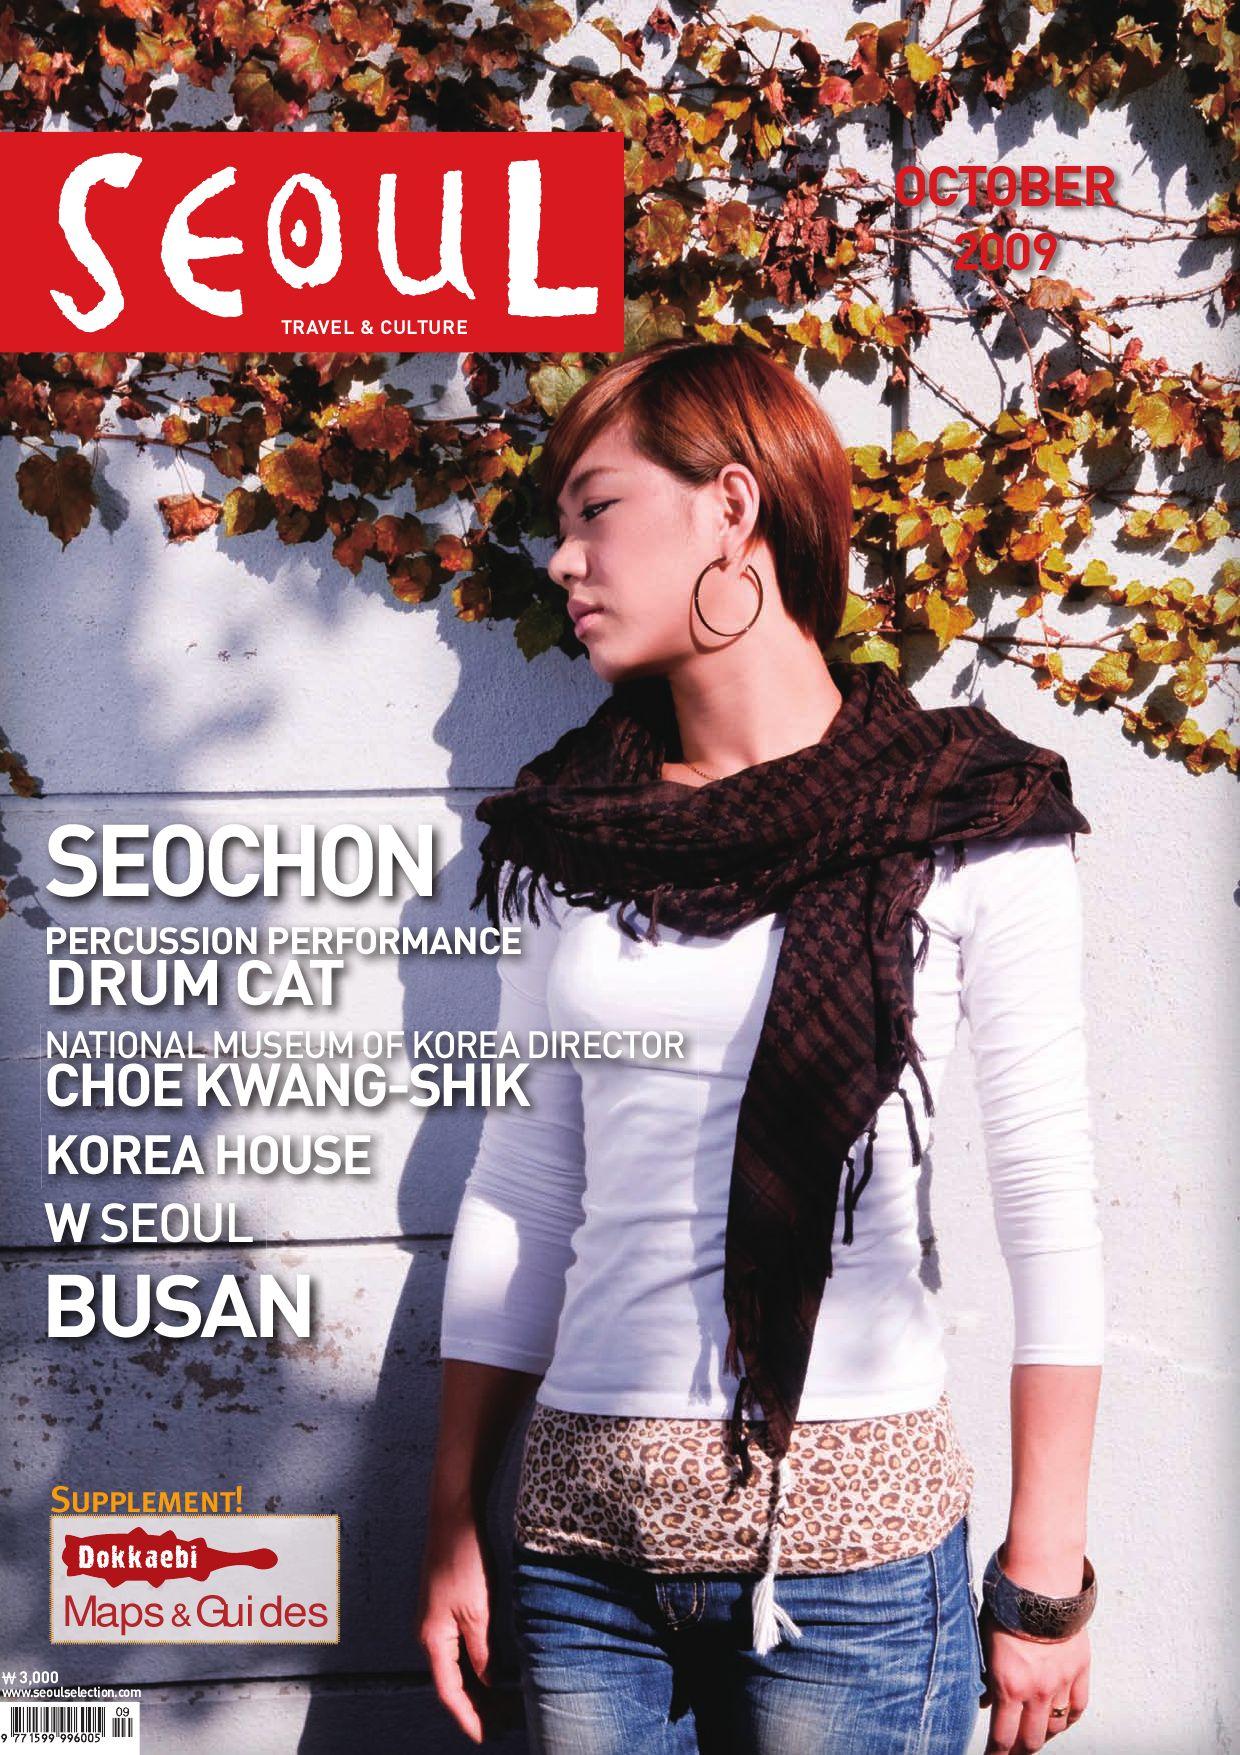 9c8e1c1126b SEOUL Magazine 2009 October by Seoul Selection - issuu